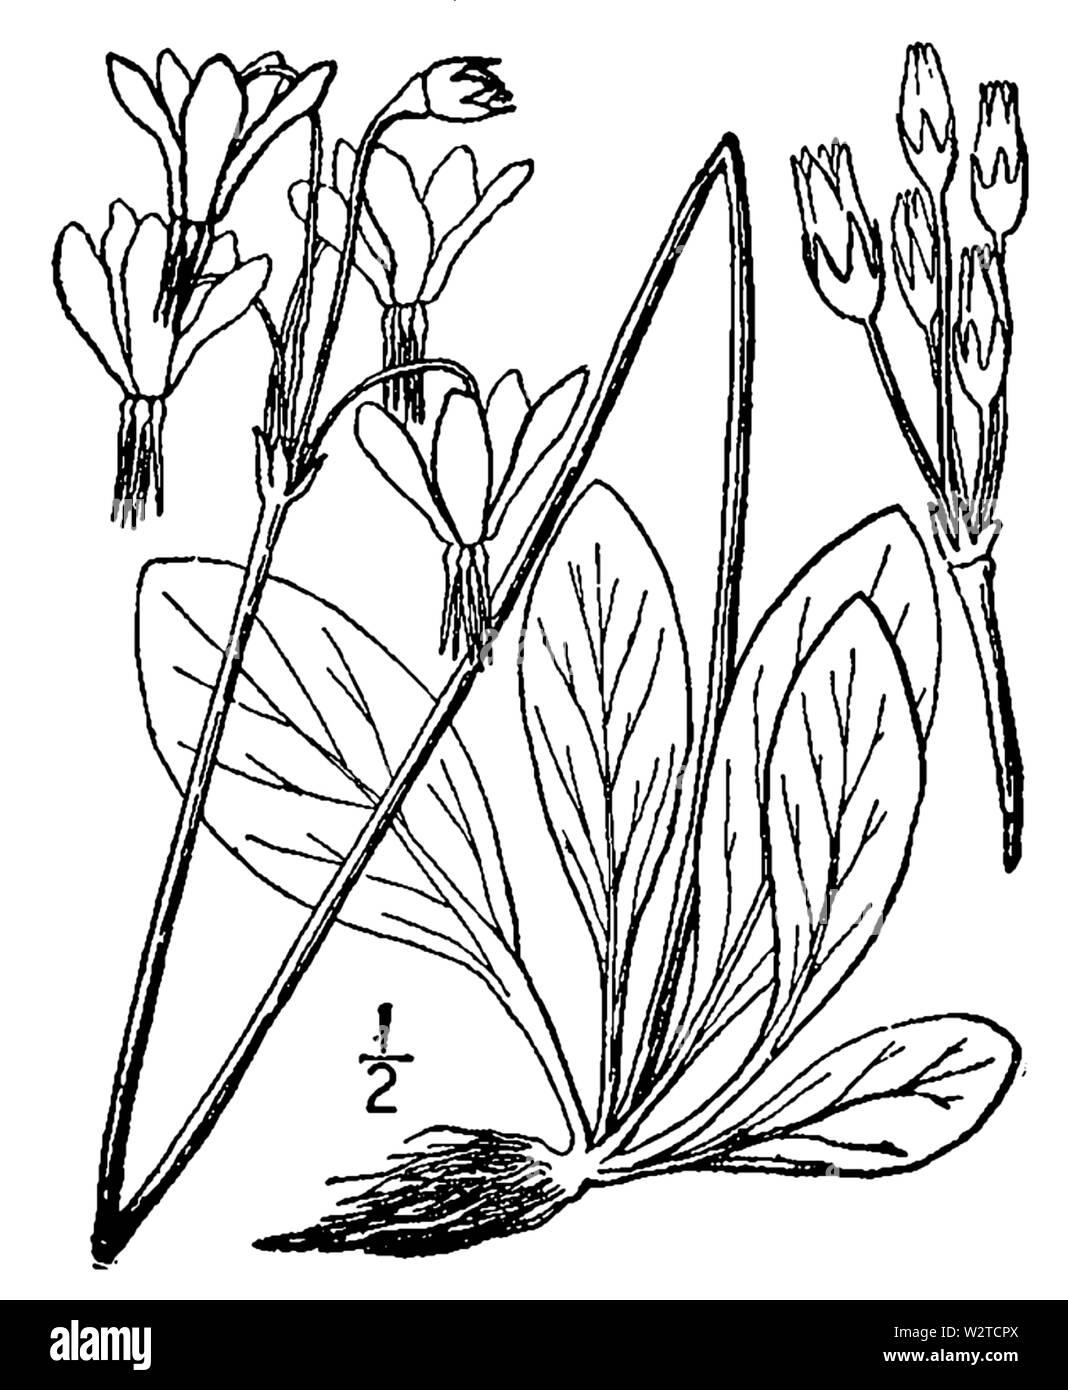 Abb. 0717. Dodecatheon meadia ab der zweiten Auflage eines illustrierten Flora der Norden der USA, Kanada und die britischen Besitzungen (New York, 1913) Stockfoto